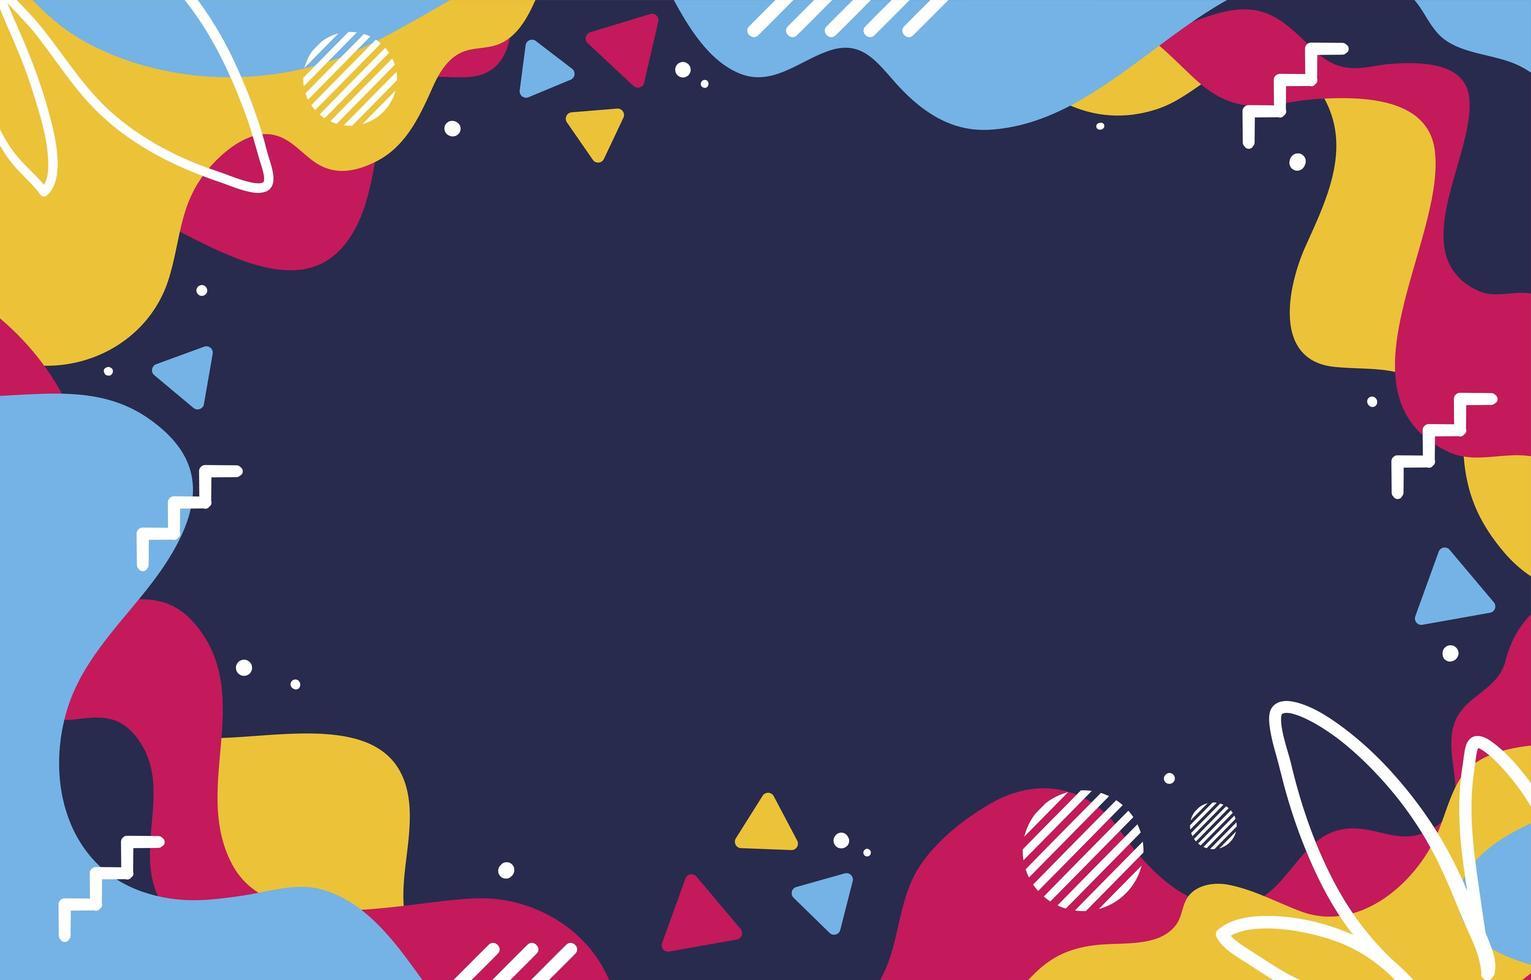 fondo plano abstracto líquido colorido vector